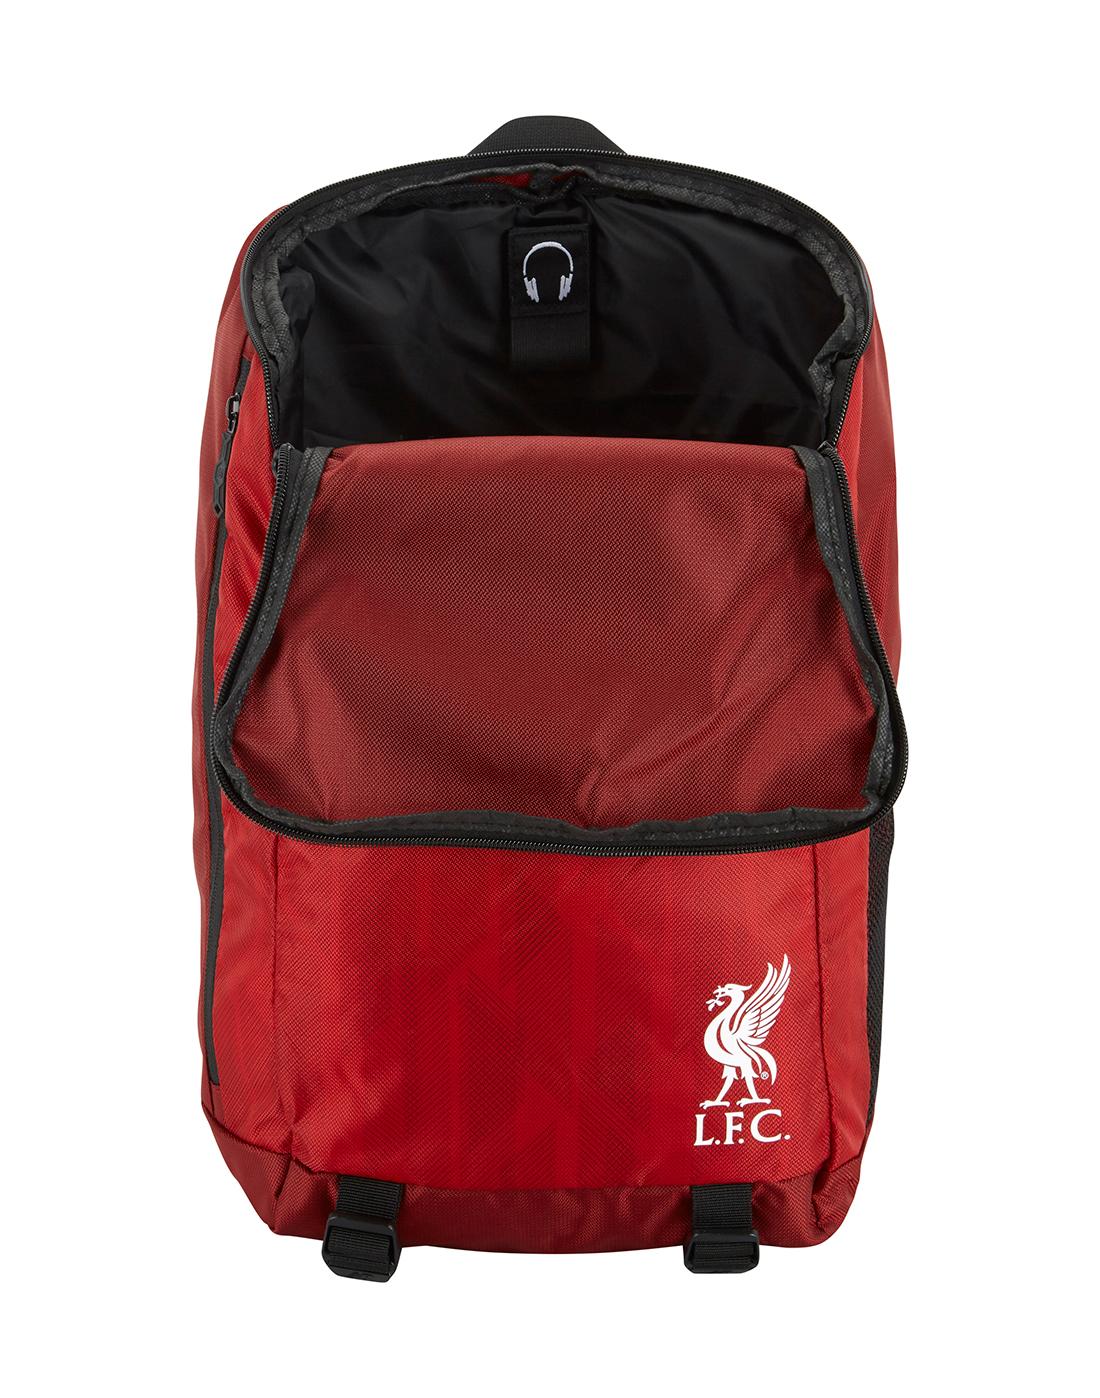 44de252966 Liverpool Backpack · Liverpool Backpack · Liverpool Backpack